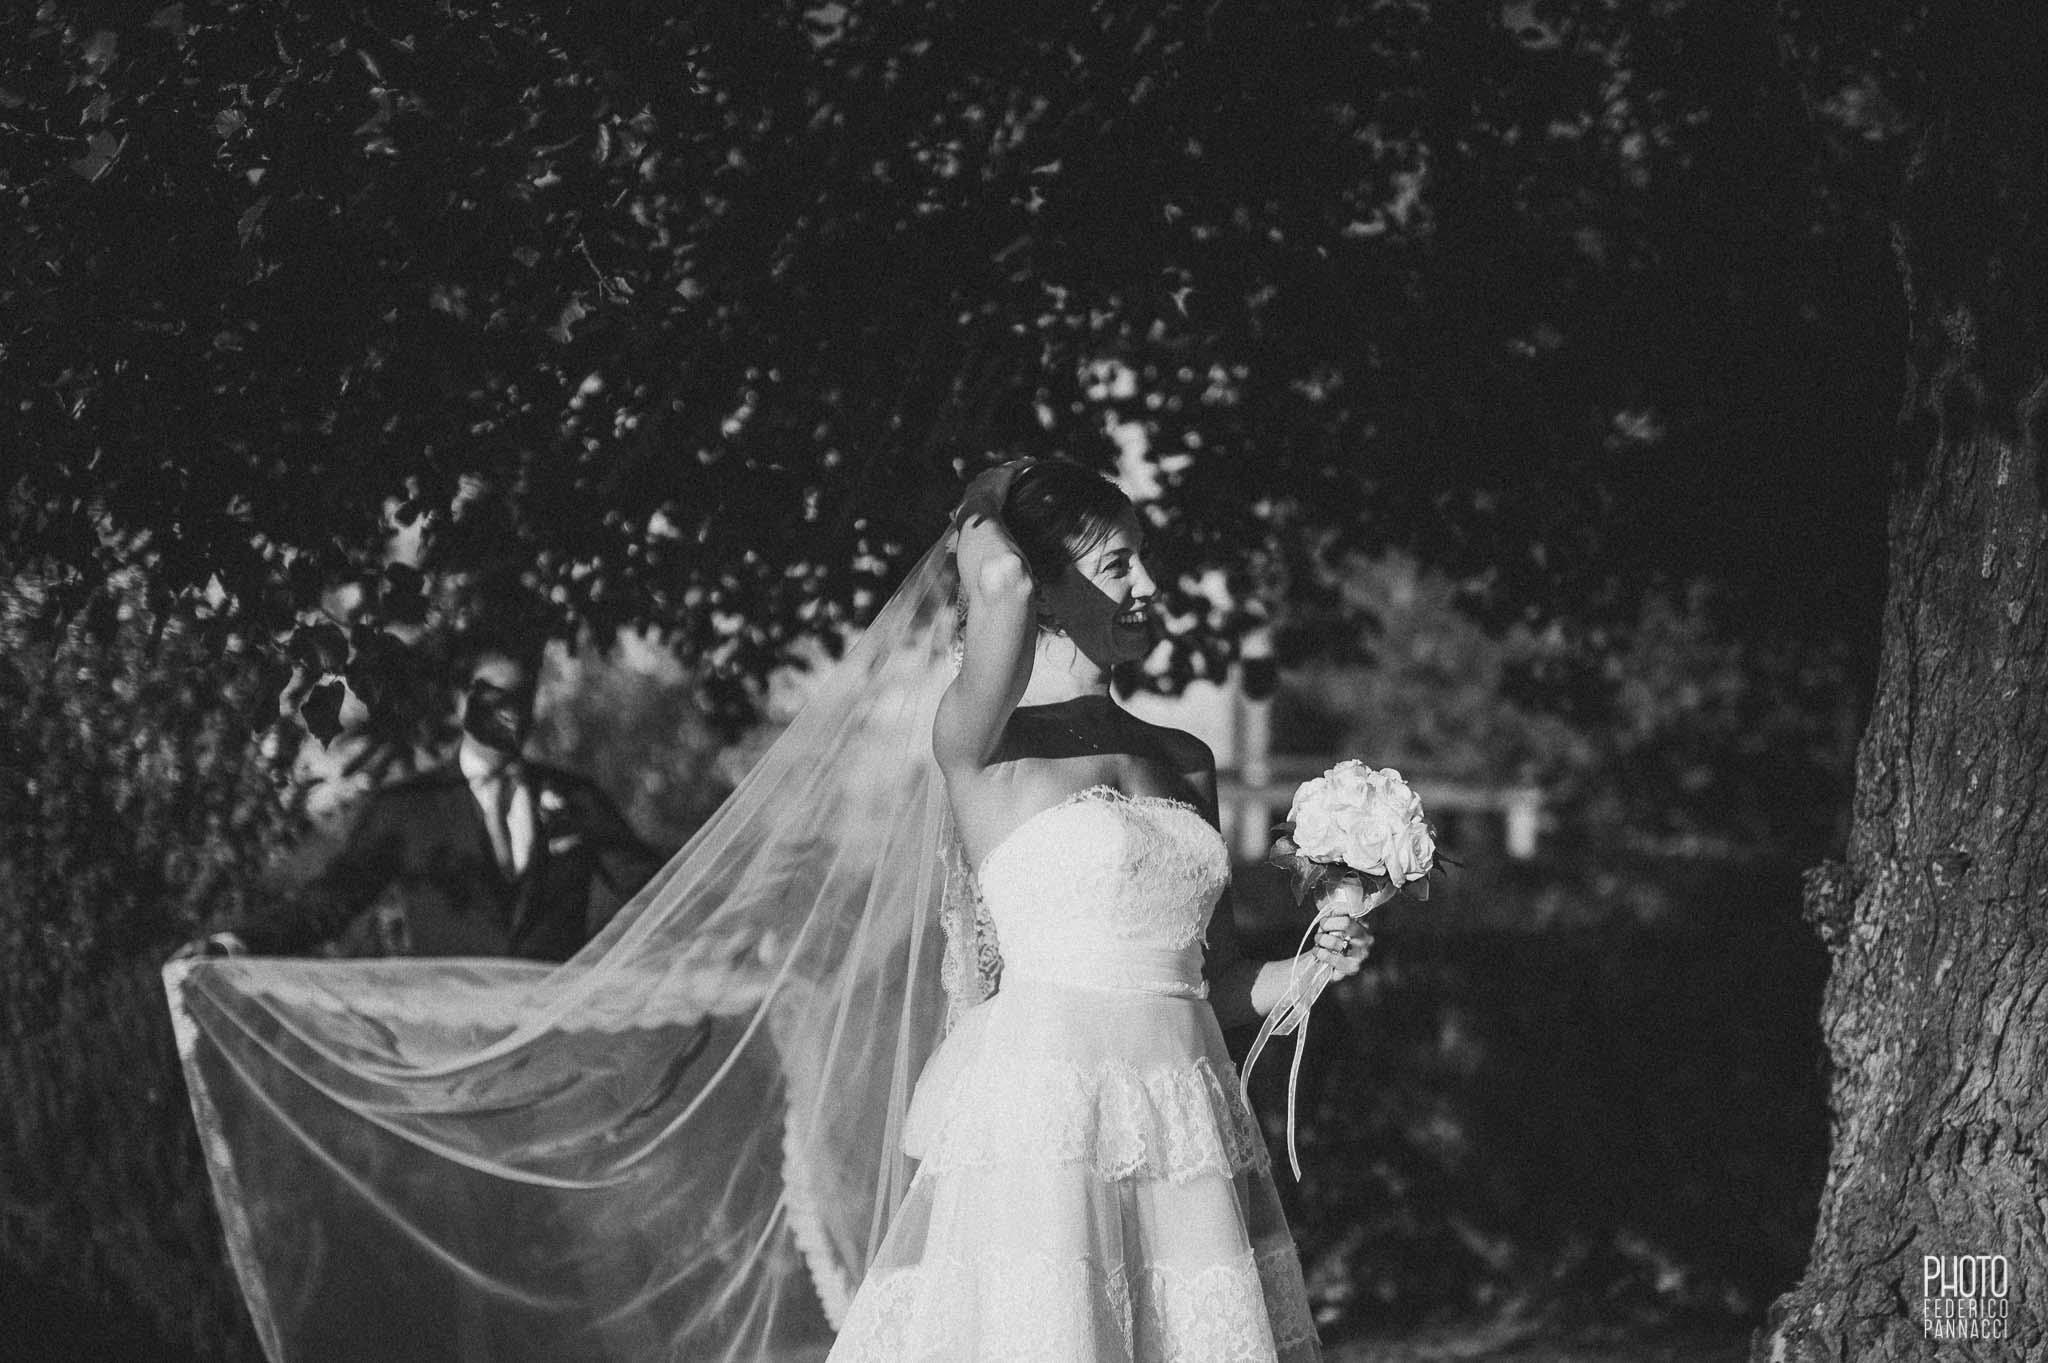 fotografo matrimonio siena-80